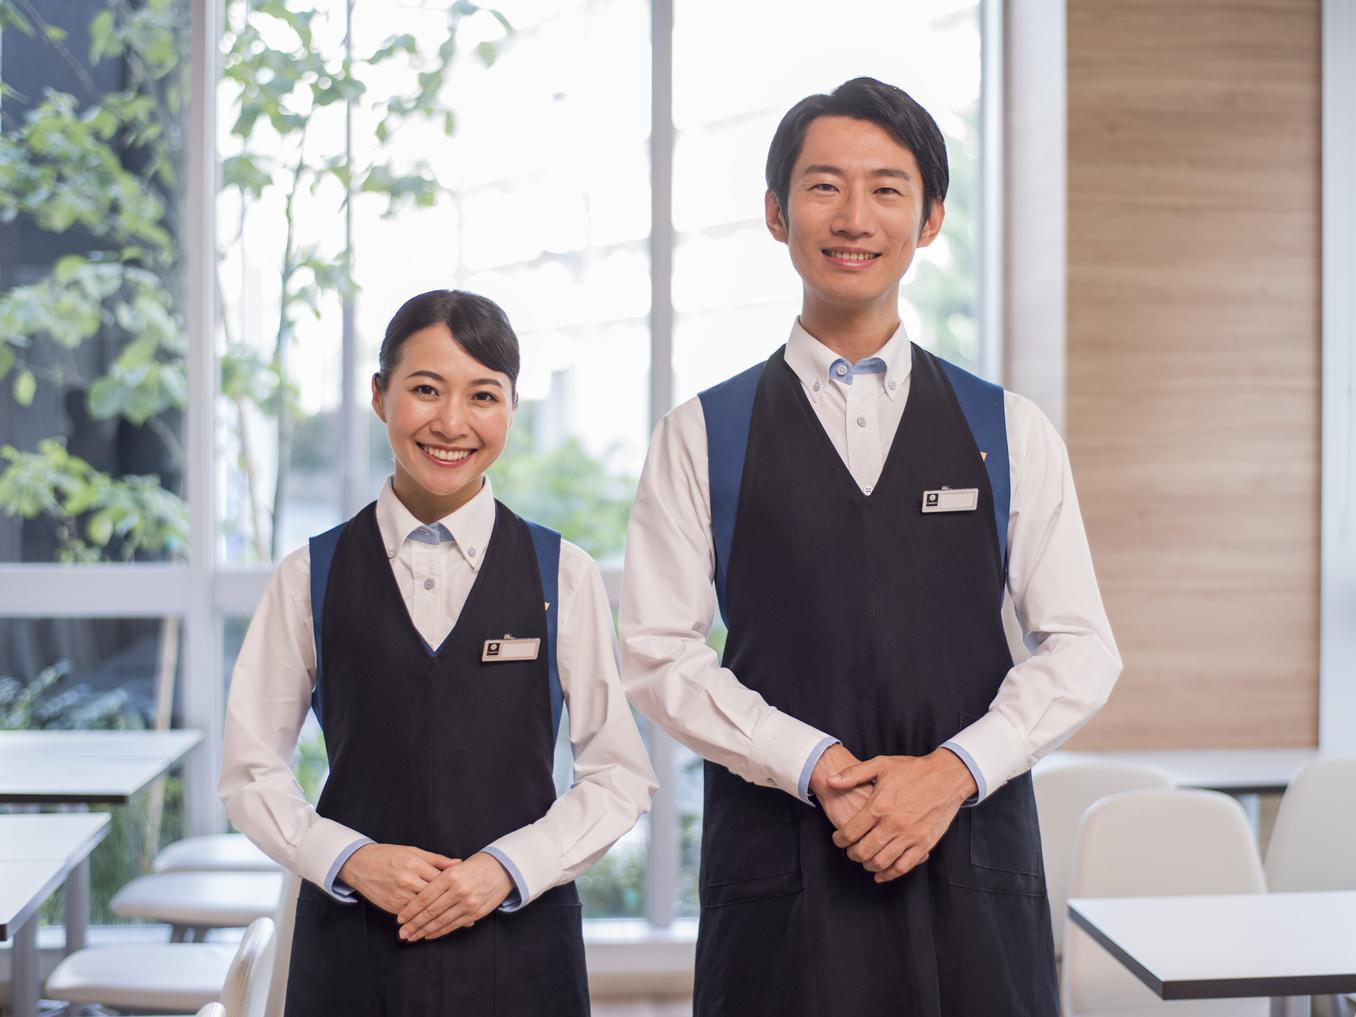 【朝食サービス】さわやかな笑顔でお迎えします♪